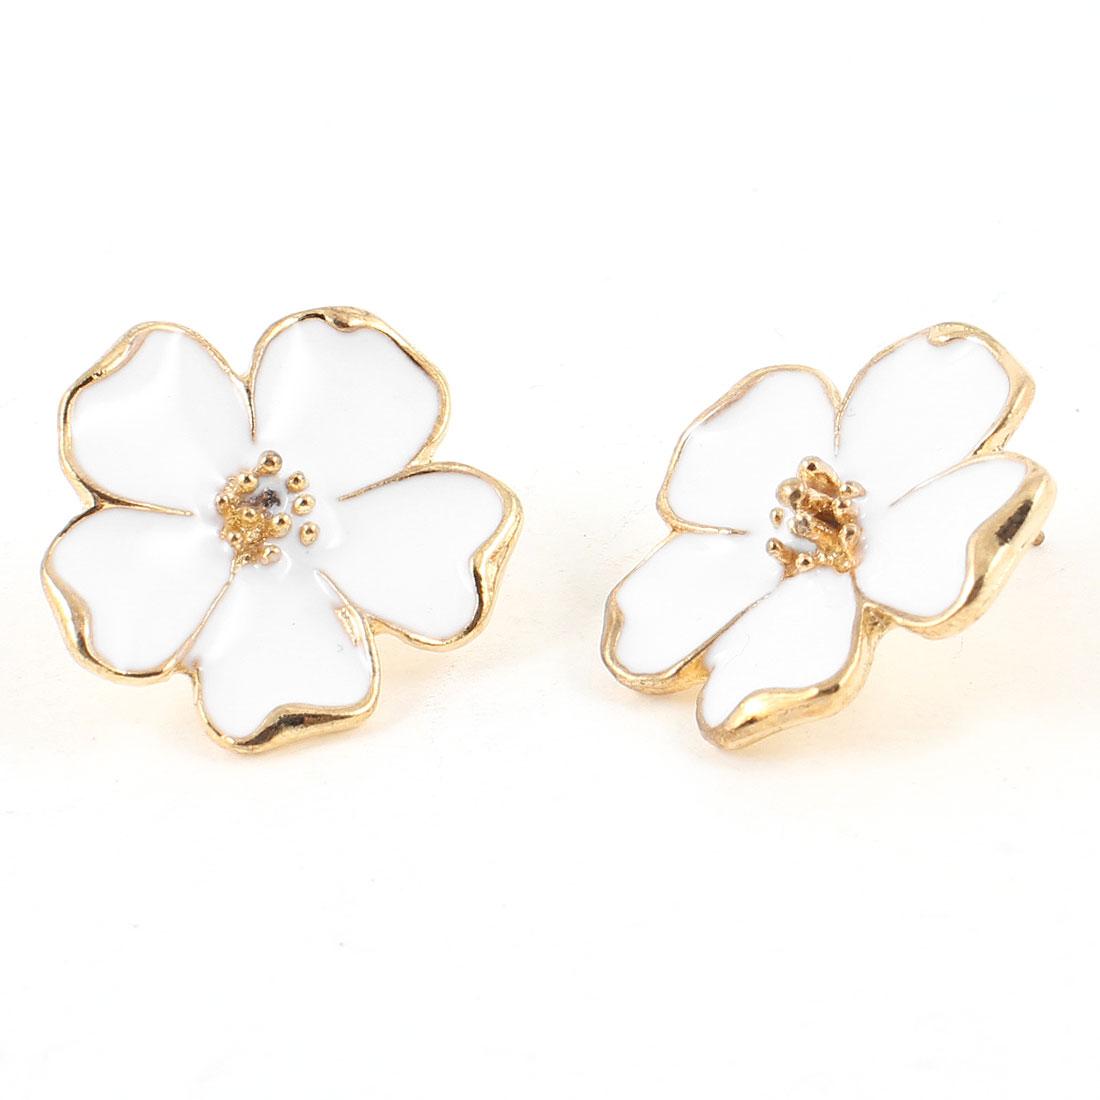 Ladies White Gold Tone Flower Pierced Ear Stud Earrings Eardrops Pair